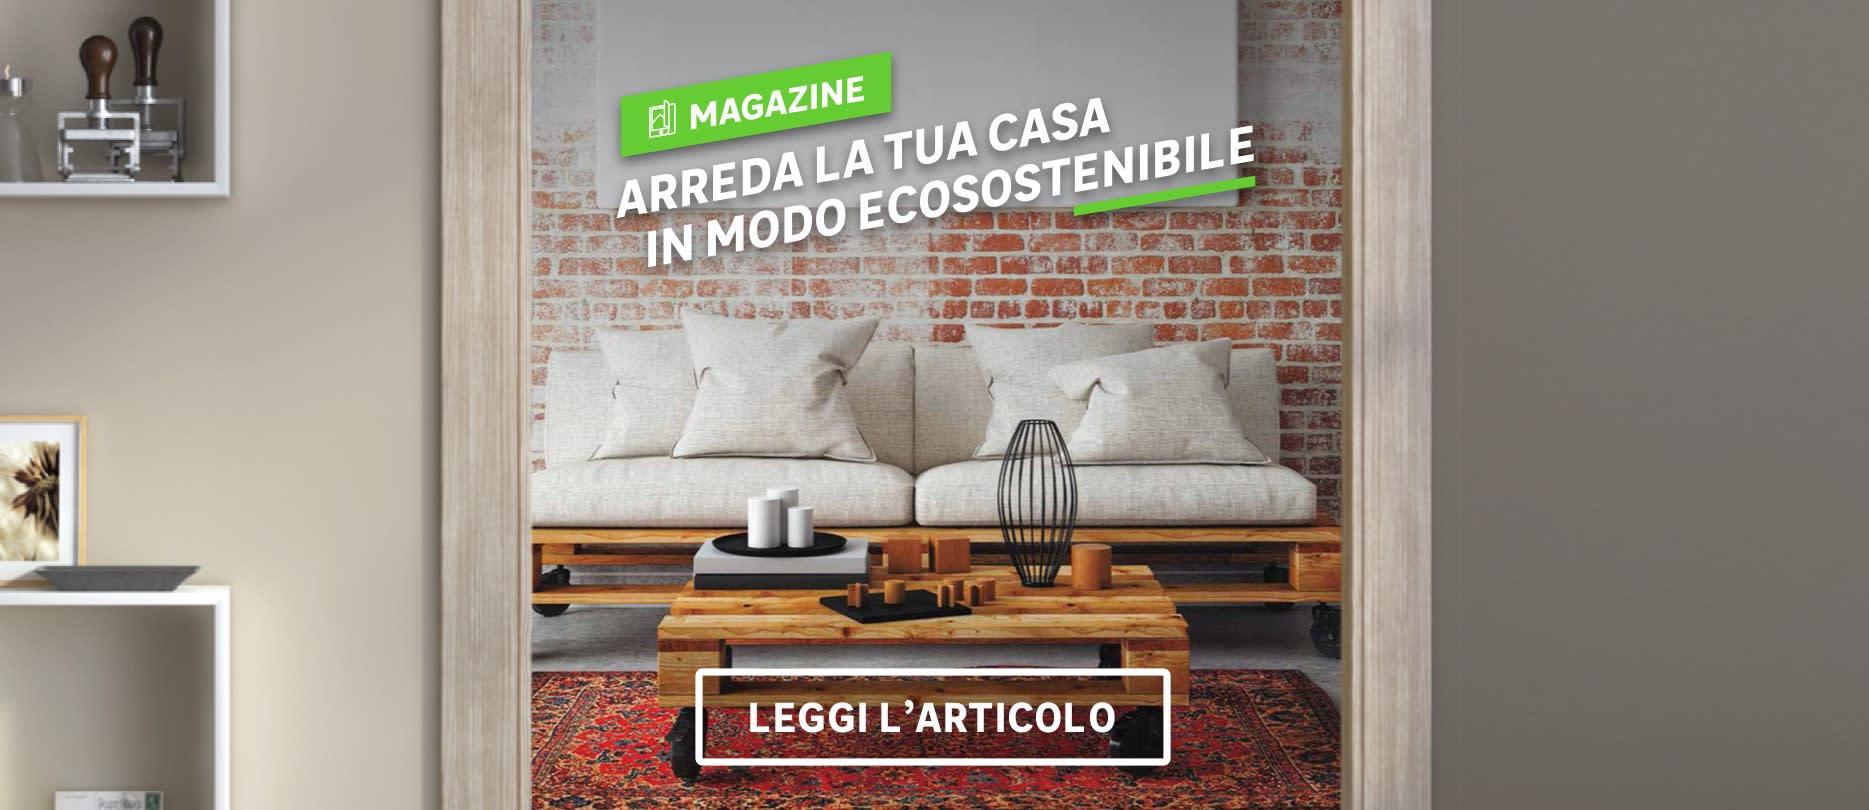 Community Magazine: Arreda la tua casa in modo ecosostenibile